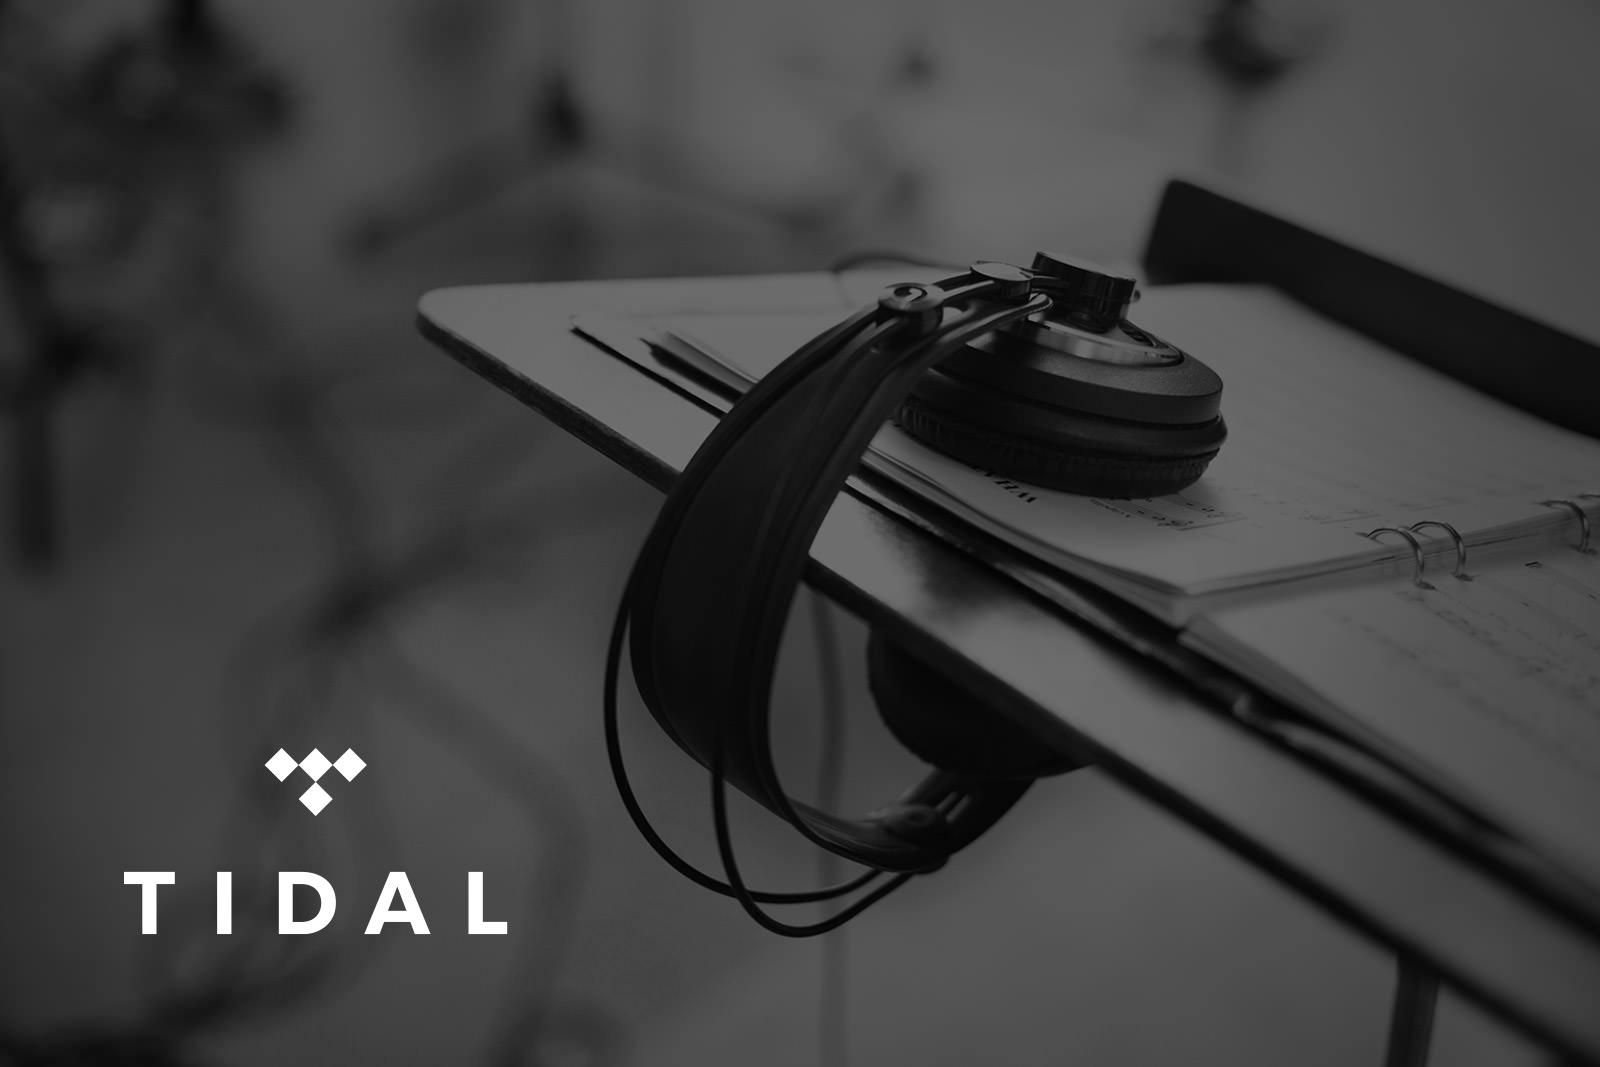 Musiktjenesten WiMP lancerer TIDAL i Danmark i dag